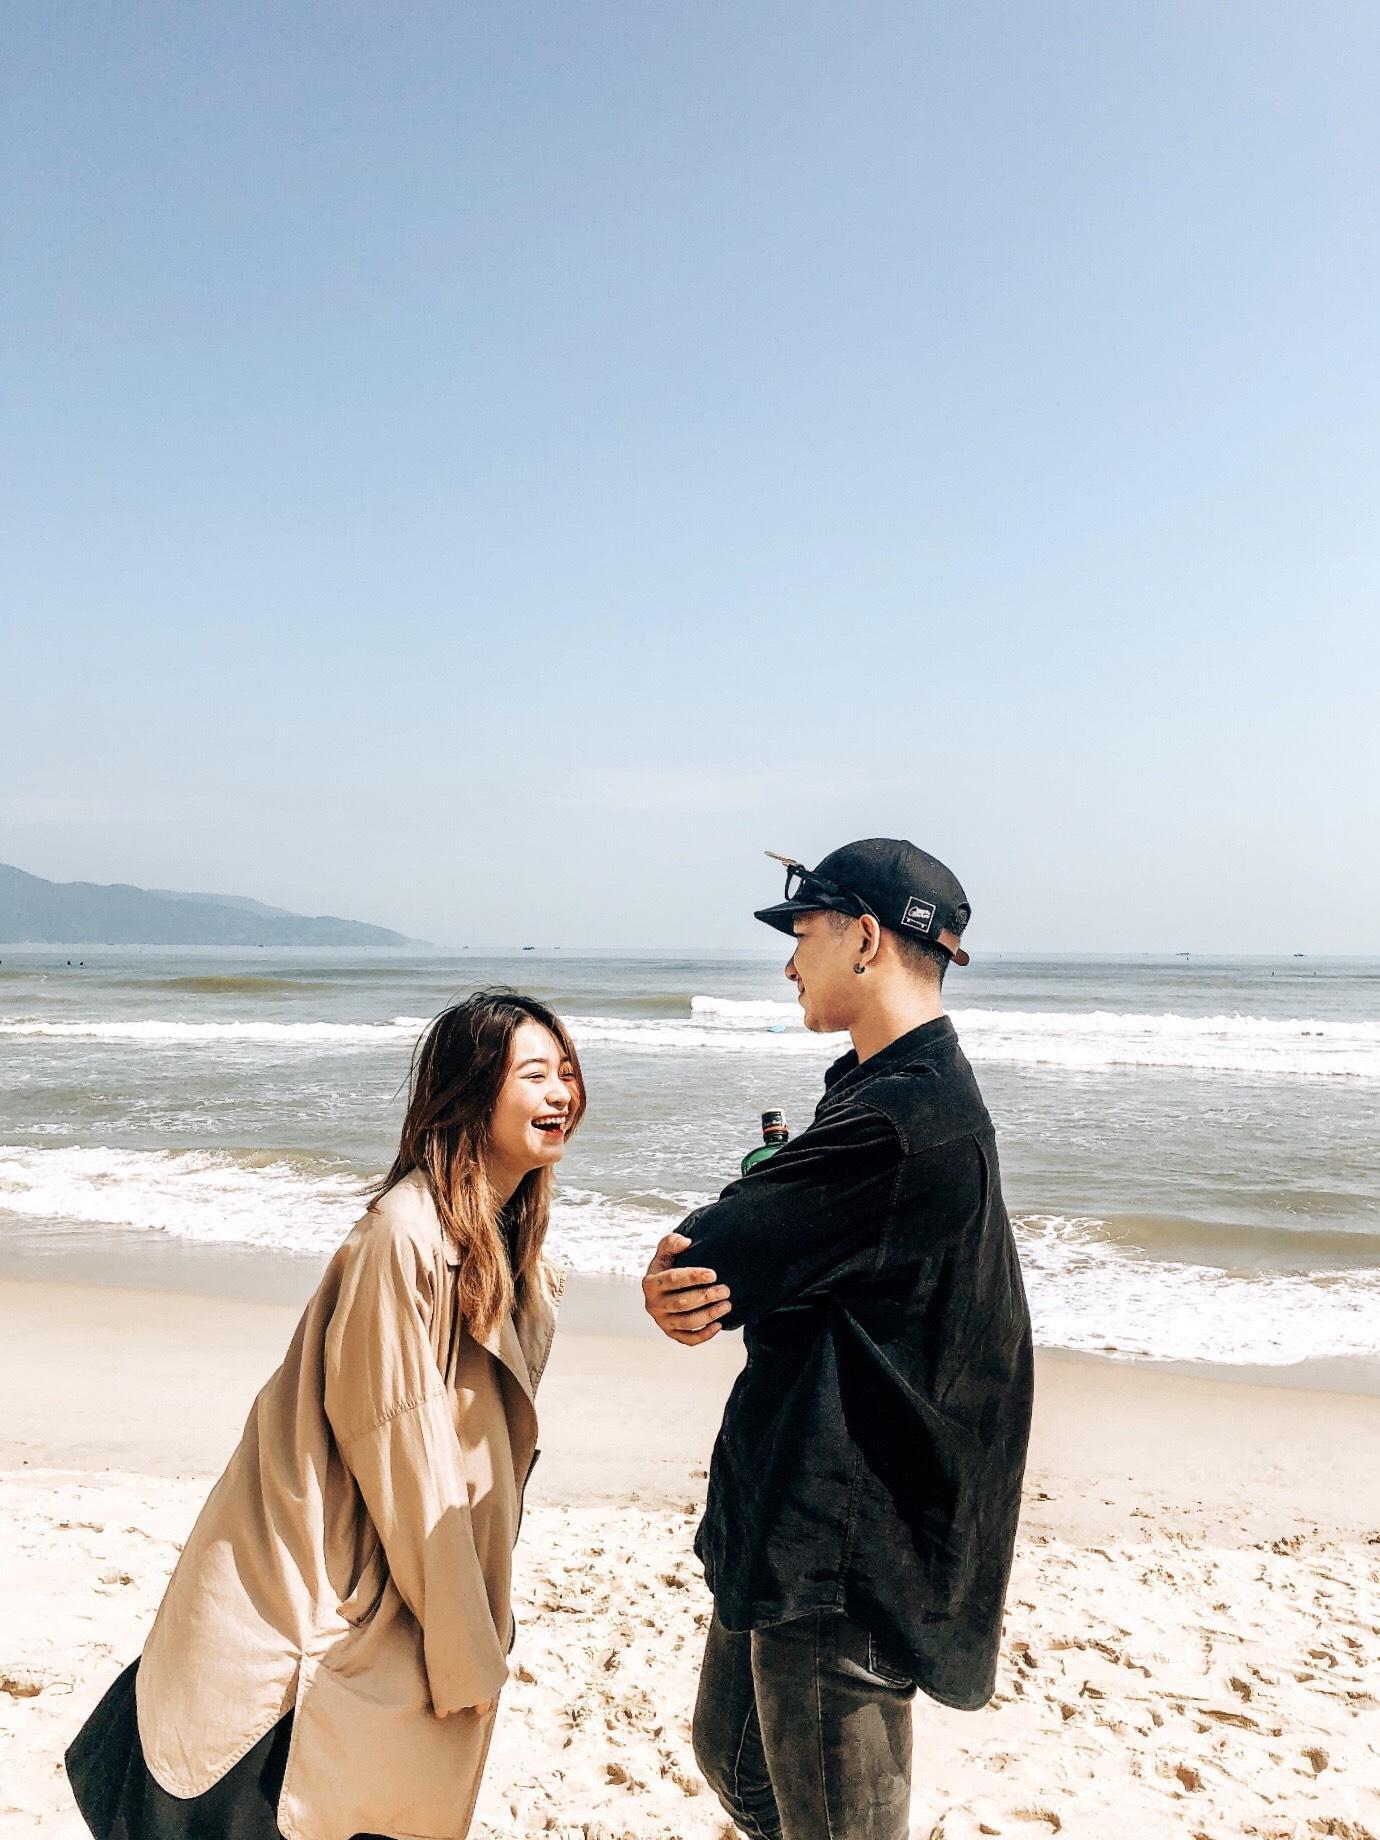 Tình yêu gian nan của các cặp đôi yêu xa trong mùa dịch - 5